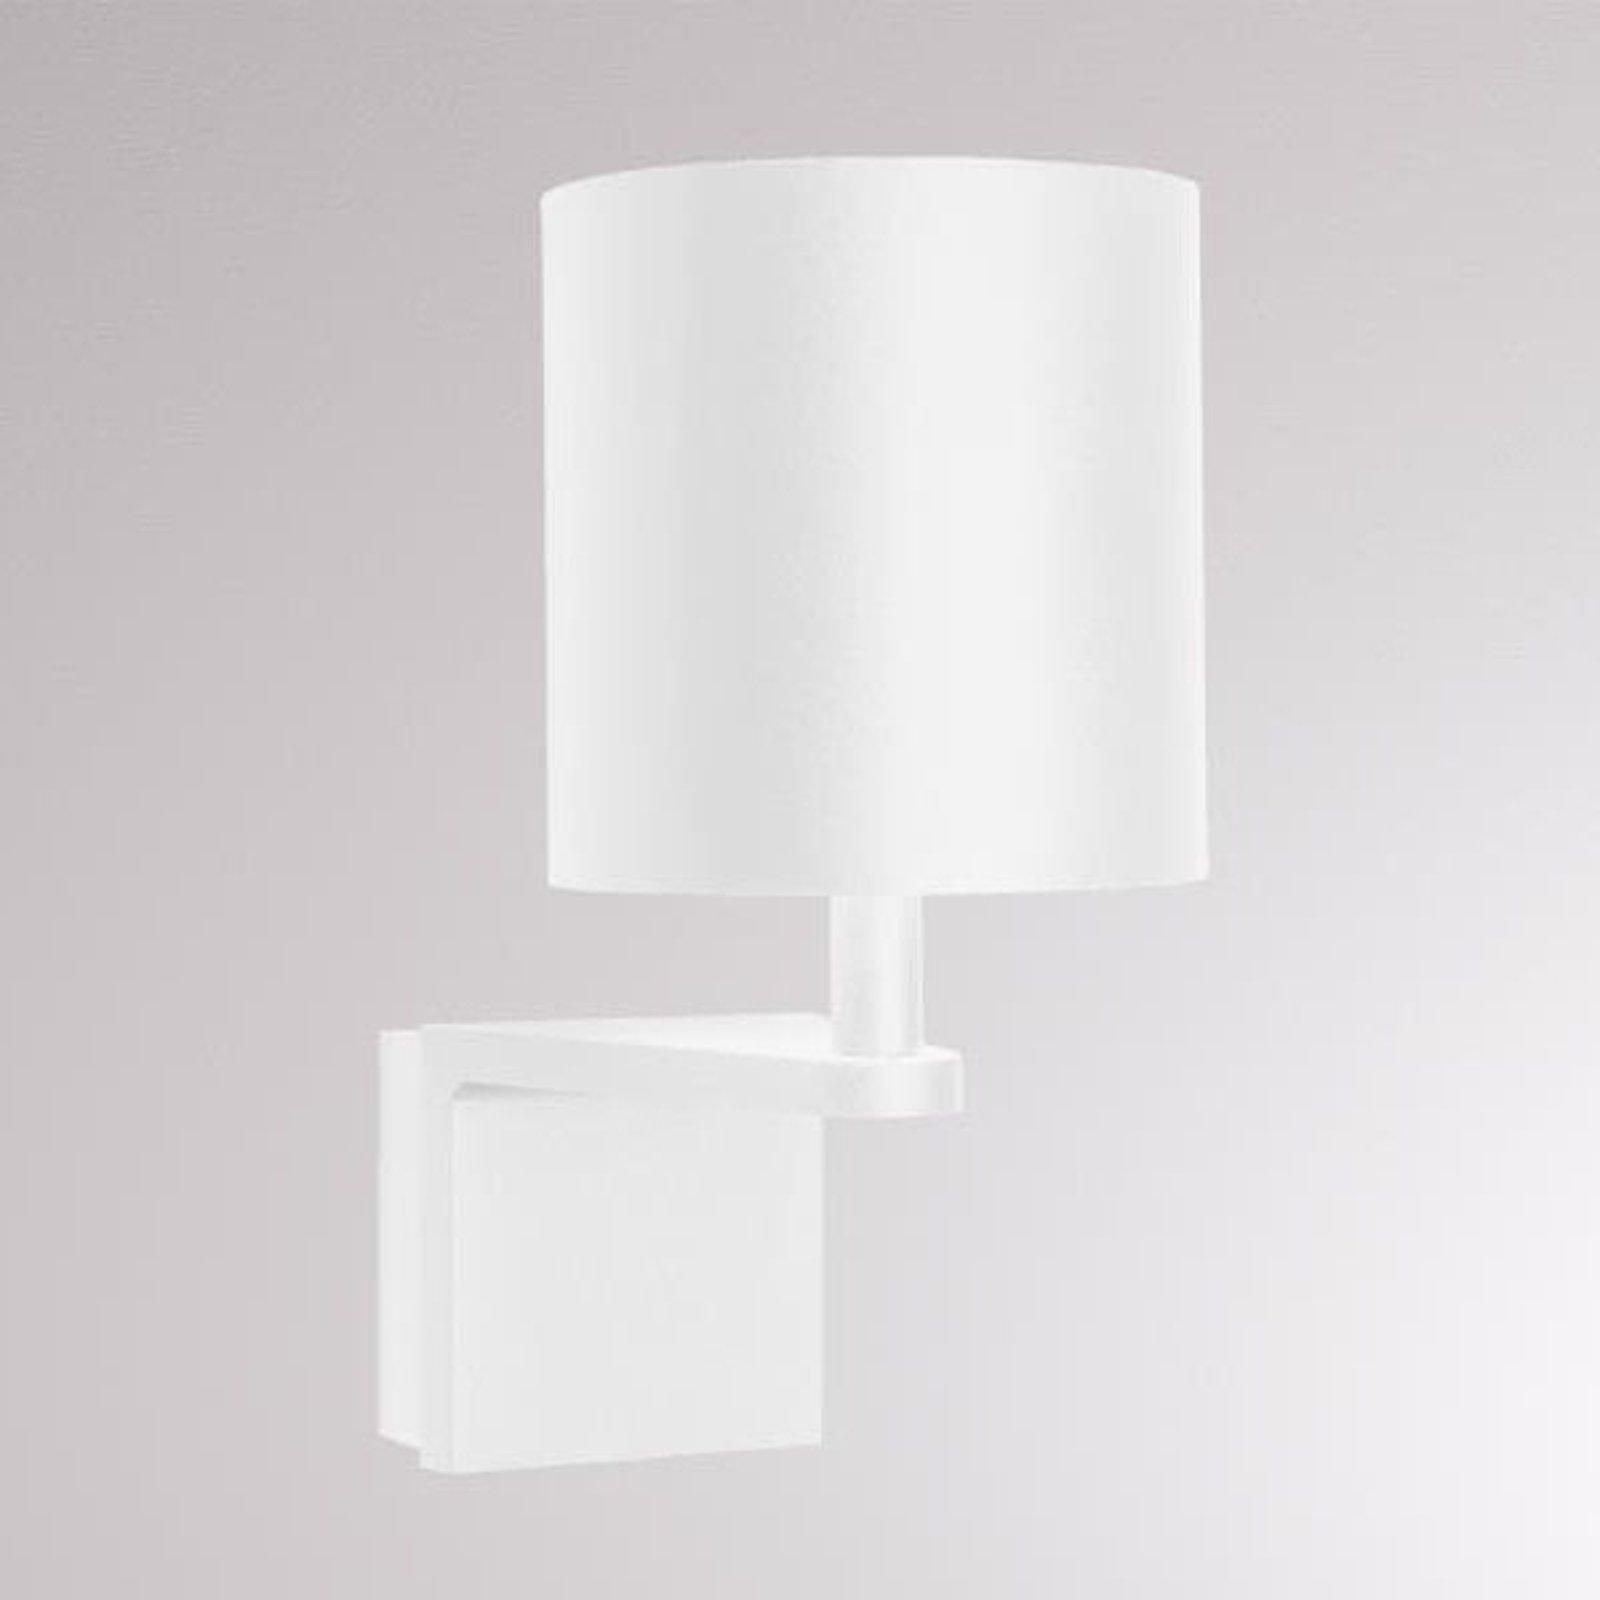 LOUM Waamp LED-vegglampe hvit